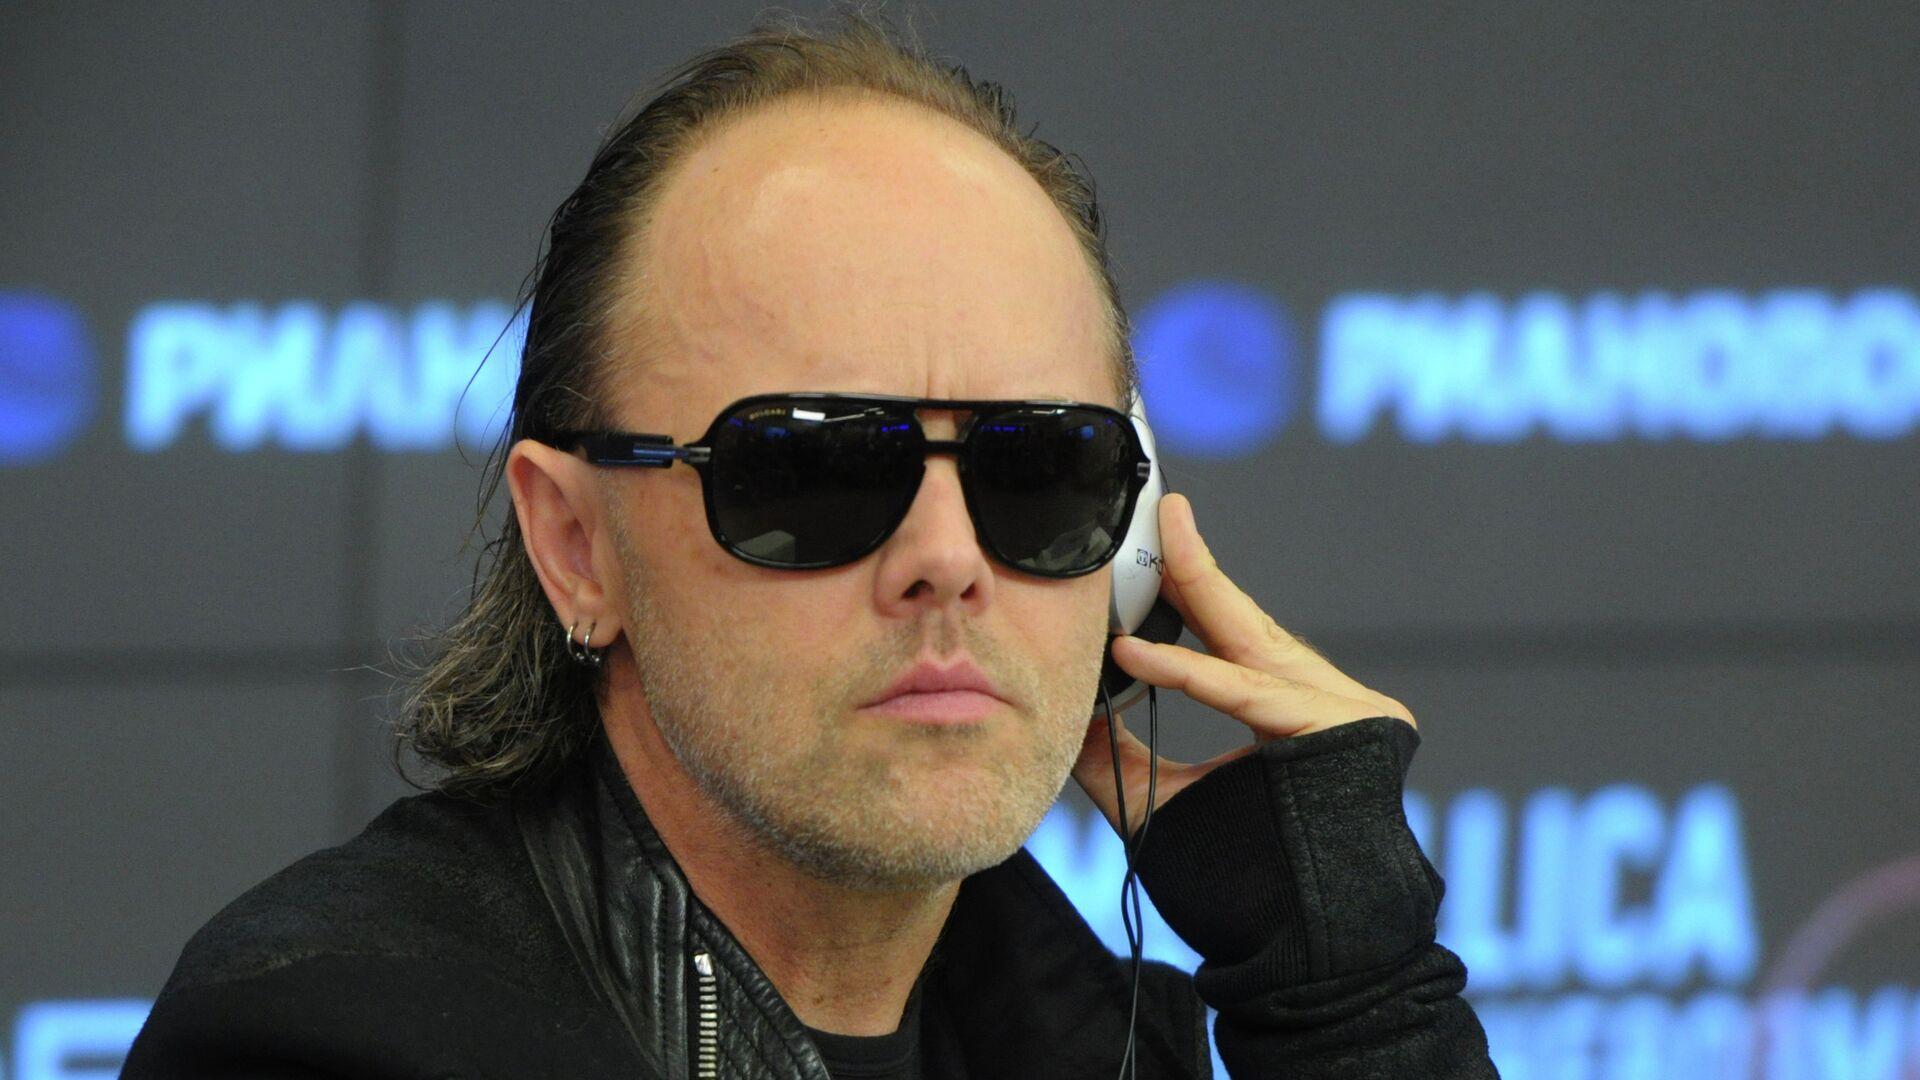 963218218 0:69:2920:1712 1920x0 80 0 0 1335bba8394532f1dc991a376e84b1fe - Барабанщик Metallica рассказал, какую песню группы не любит больше всего